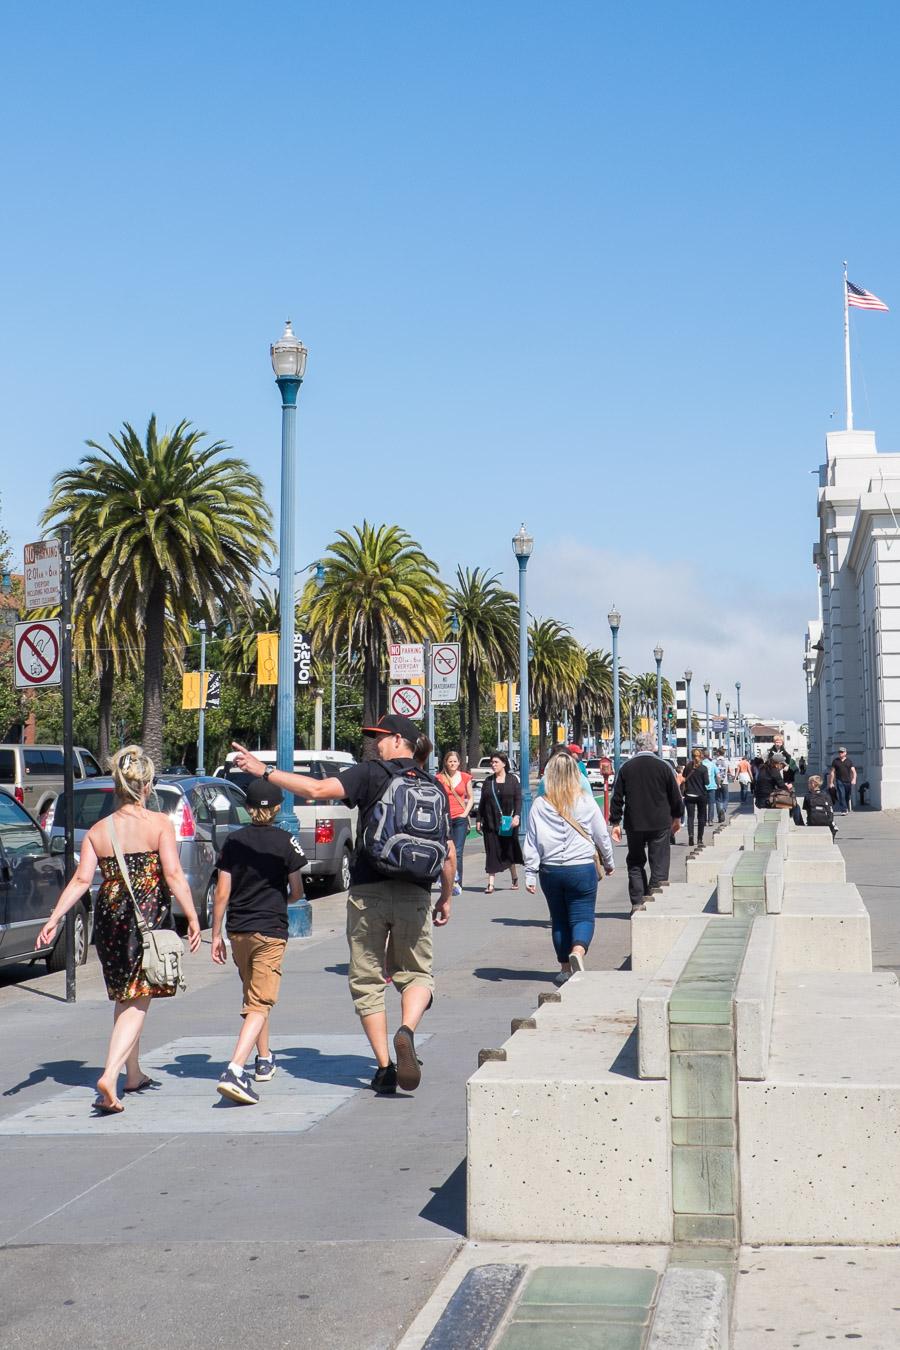 Walking to Pier 39